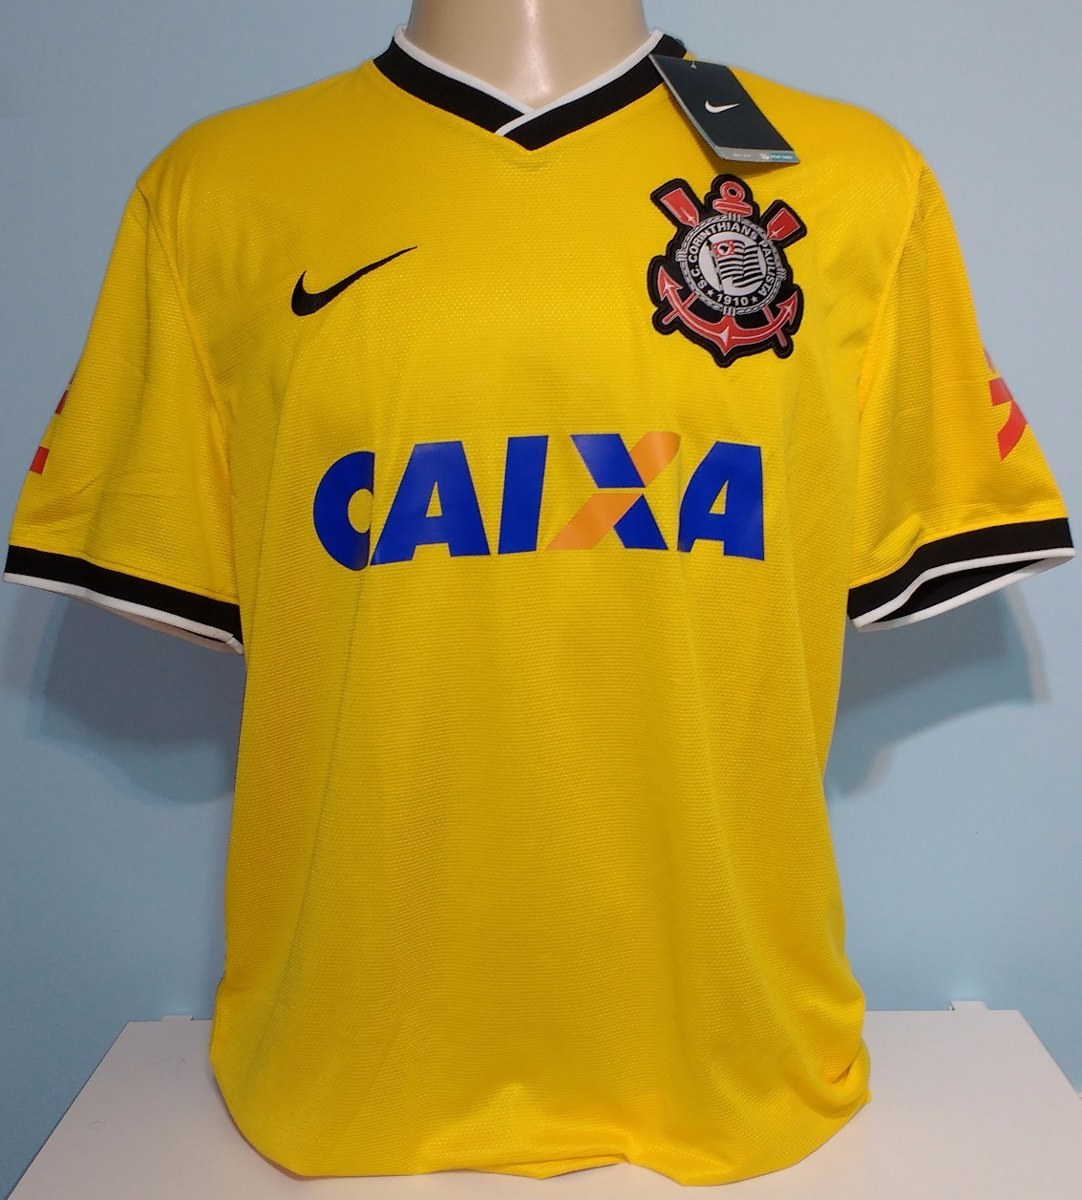 camisa corinthians amarela jogador romarinho 2014 orig nike. Carregando zoom . ee60264c2b299